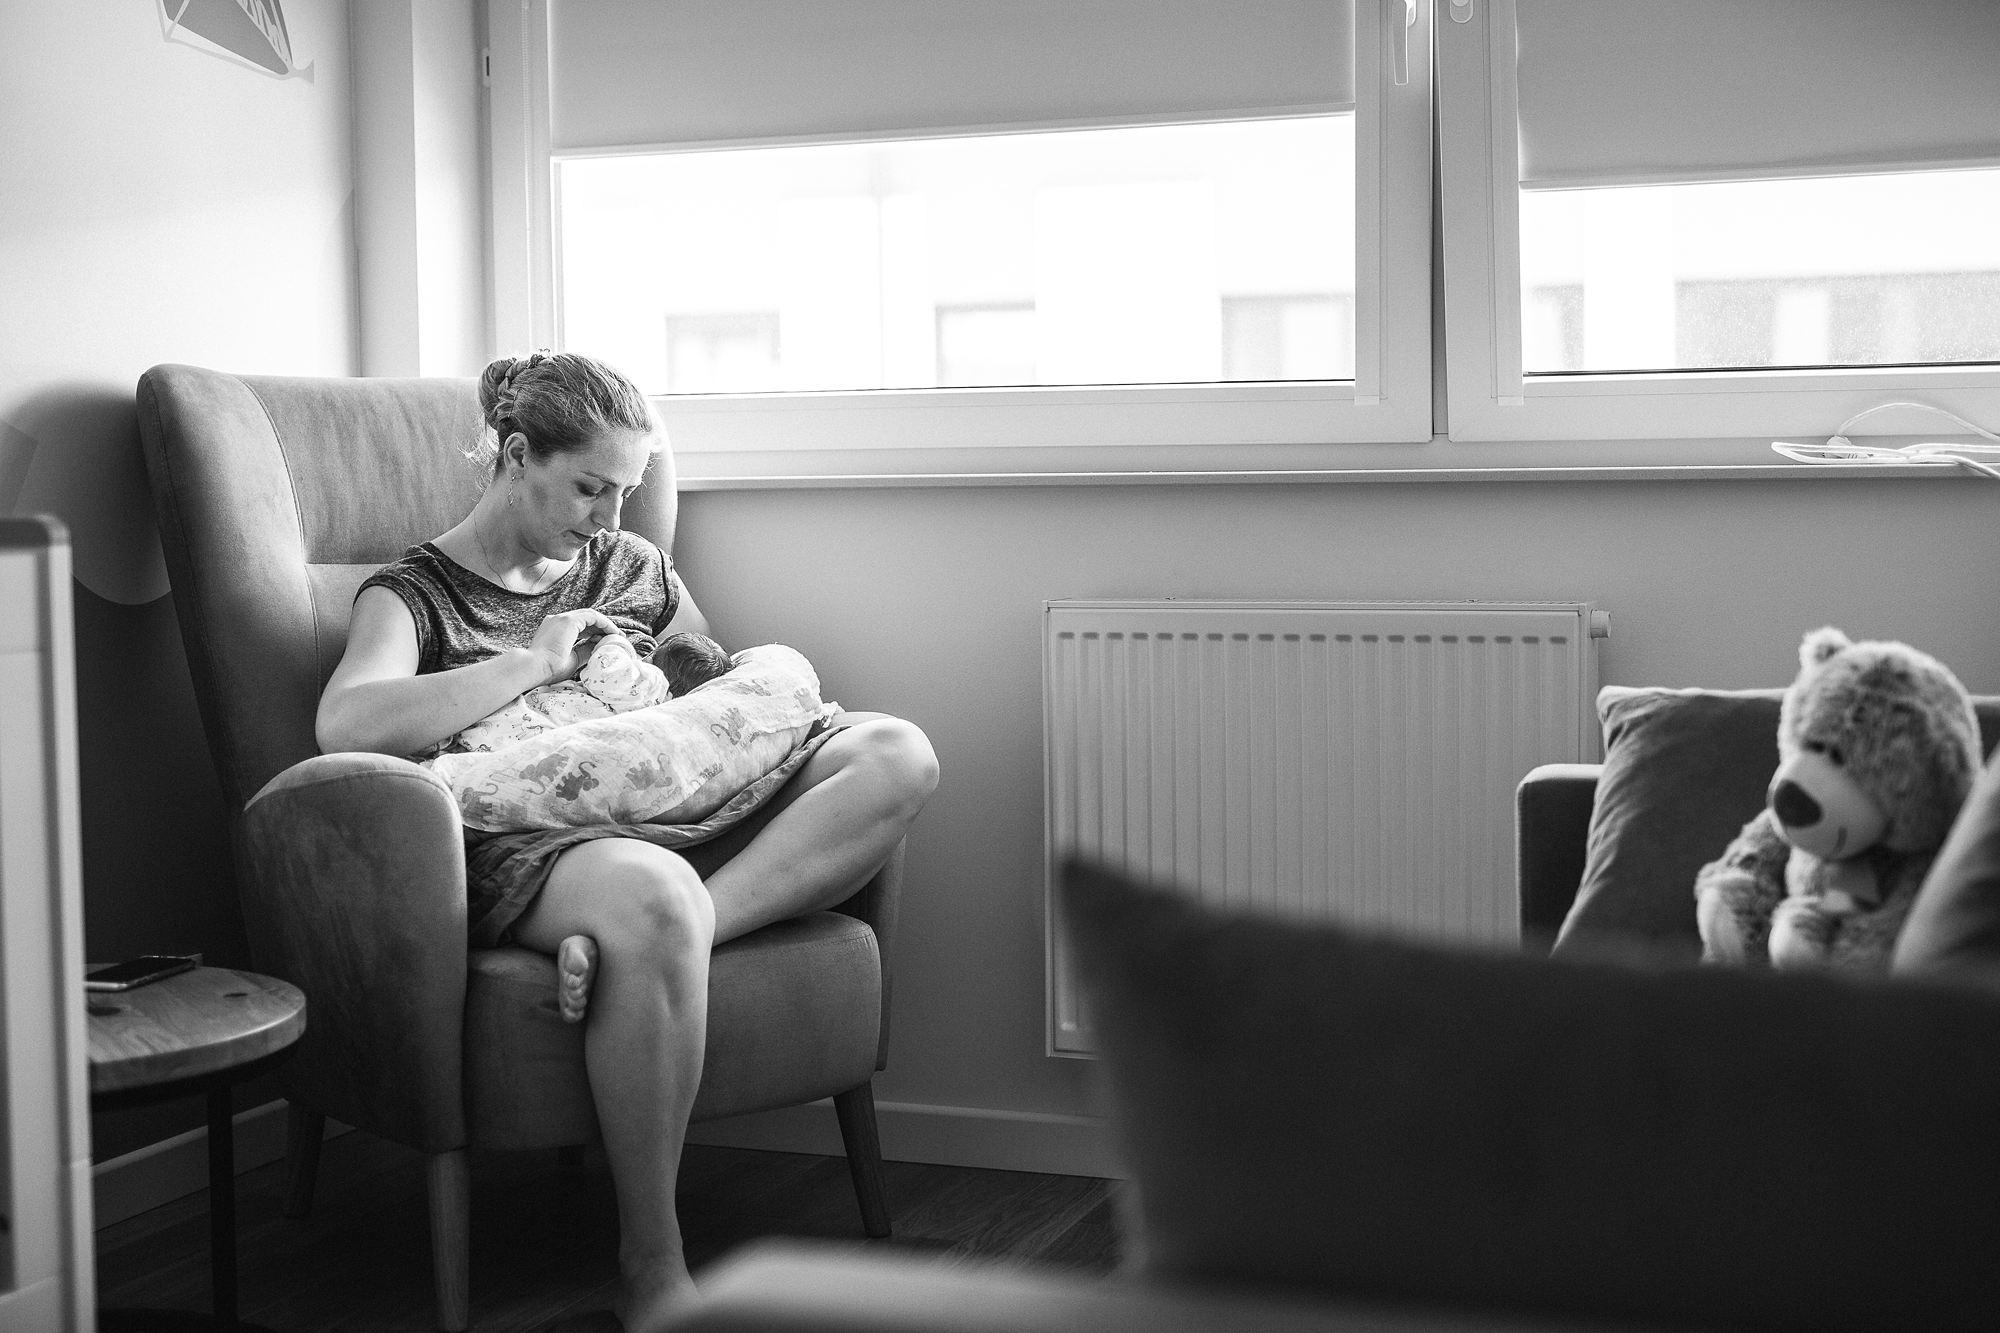 kobieta siedzi w fotelu i karmi piersią swoje kilkudniowe dziecko